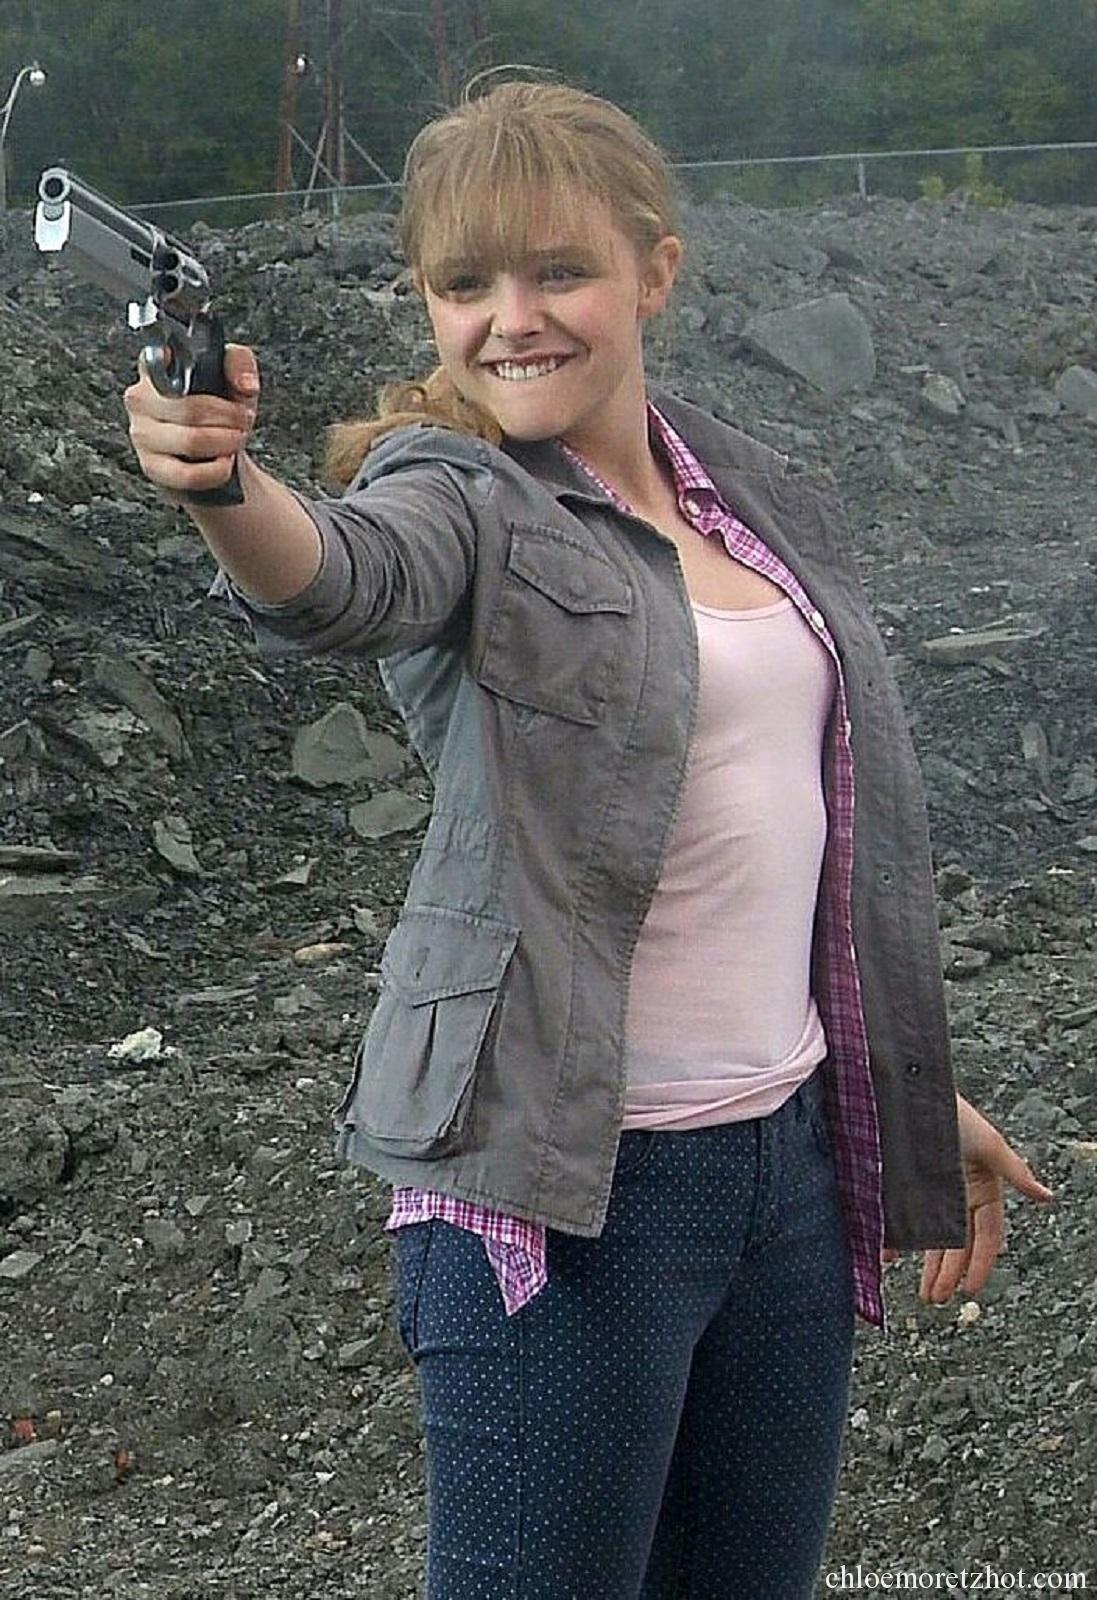 guns chloe moretz - photo #4